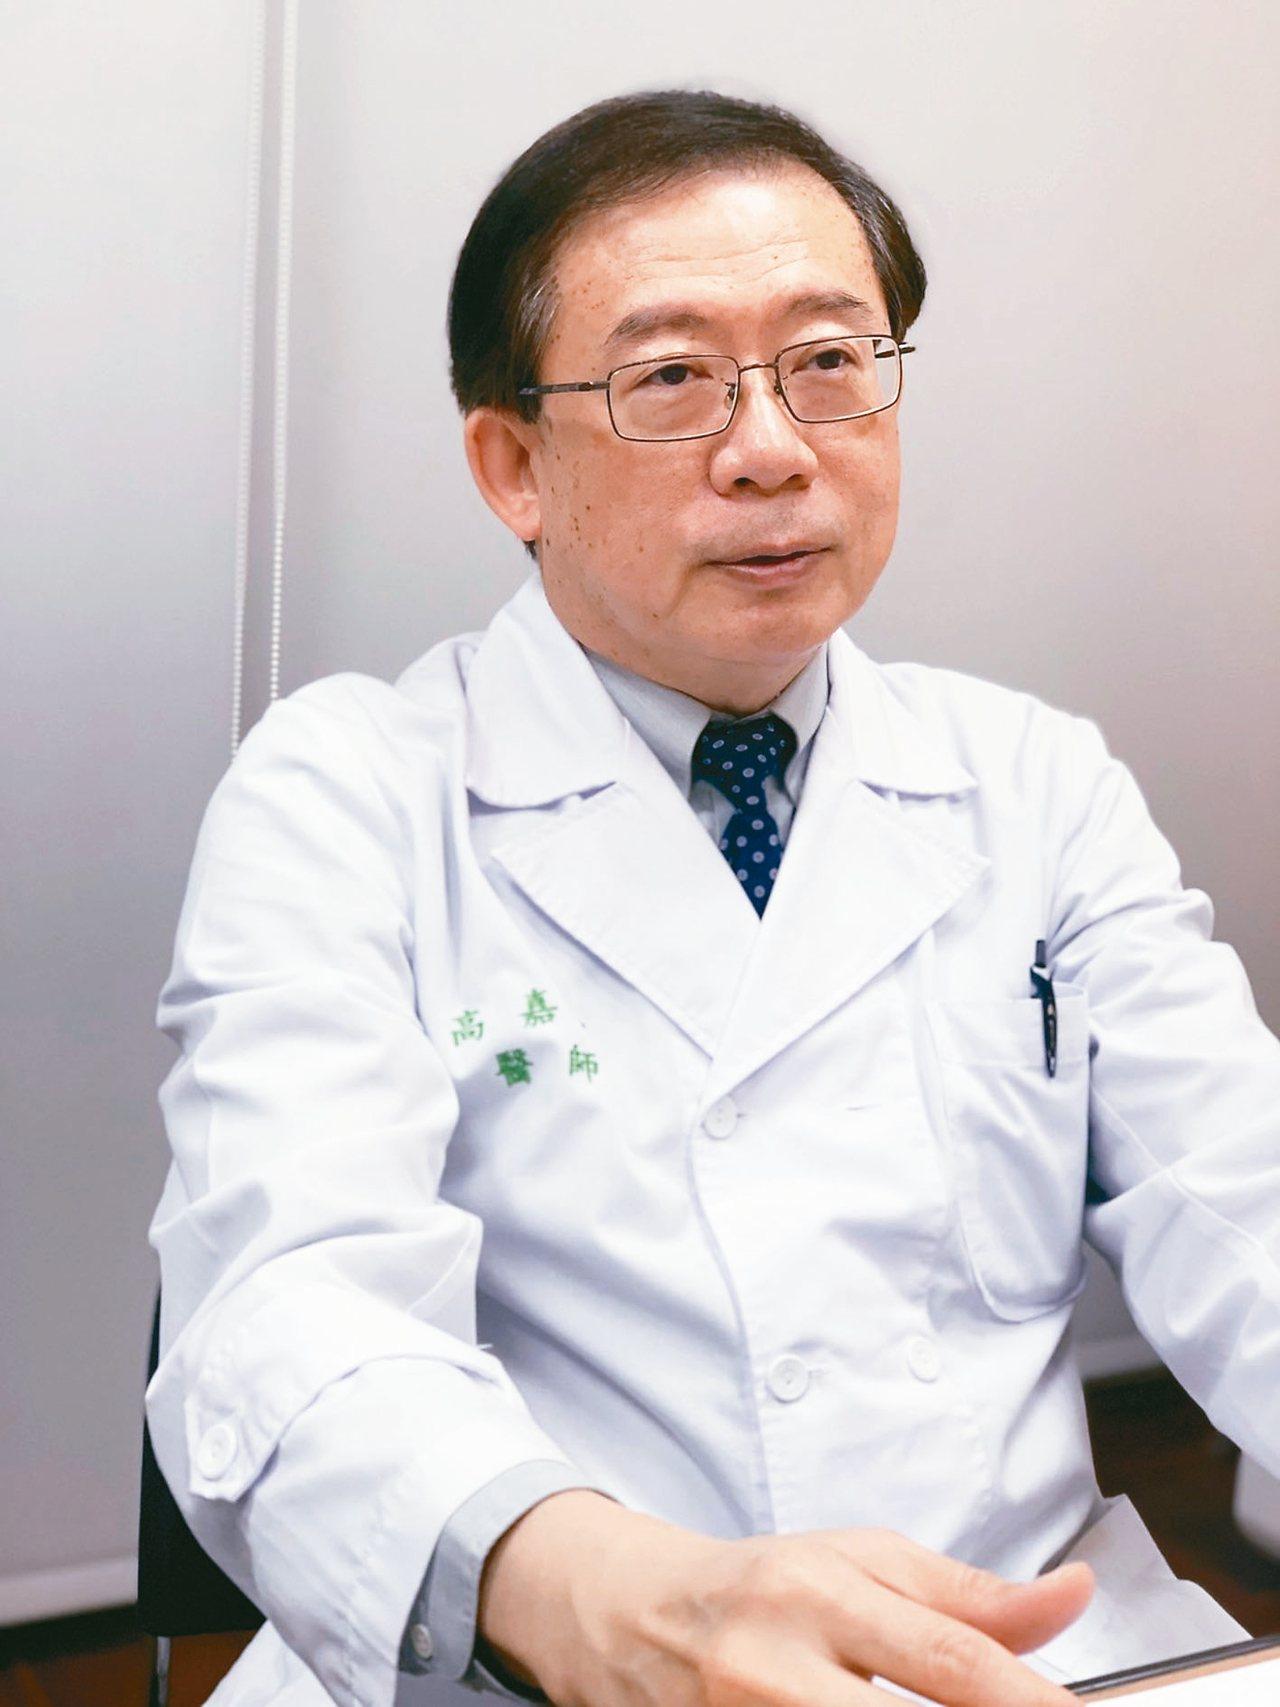 台湾肝病医疗策进会会长高嘉宏。 记者吴贞莹/摄影